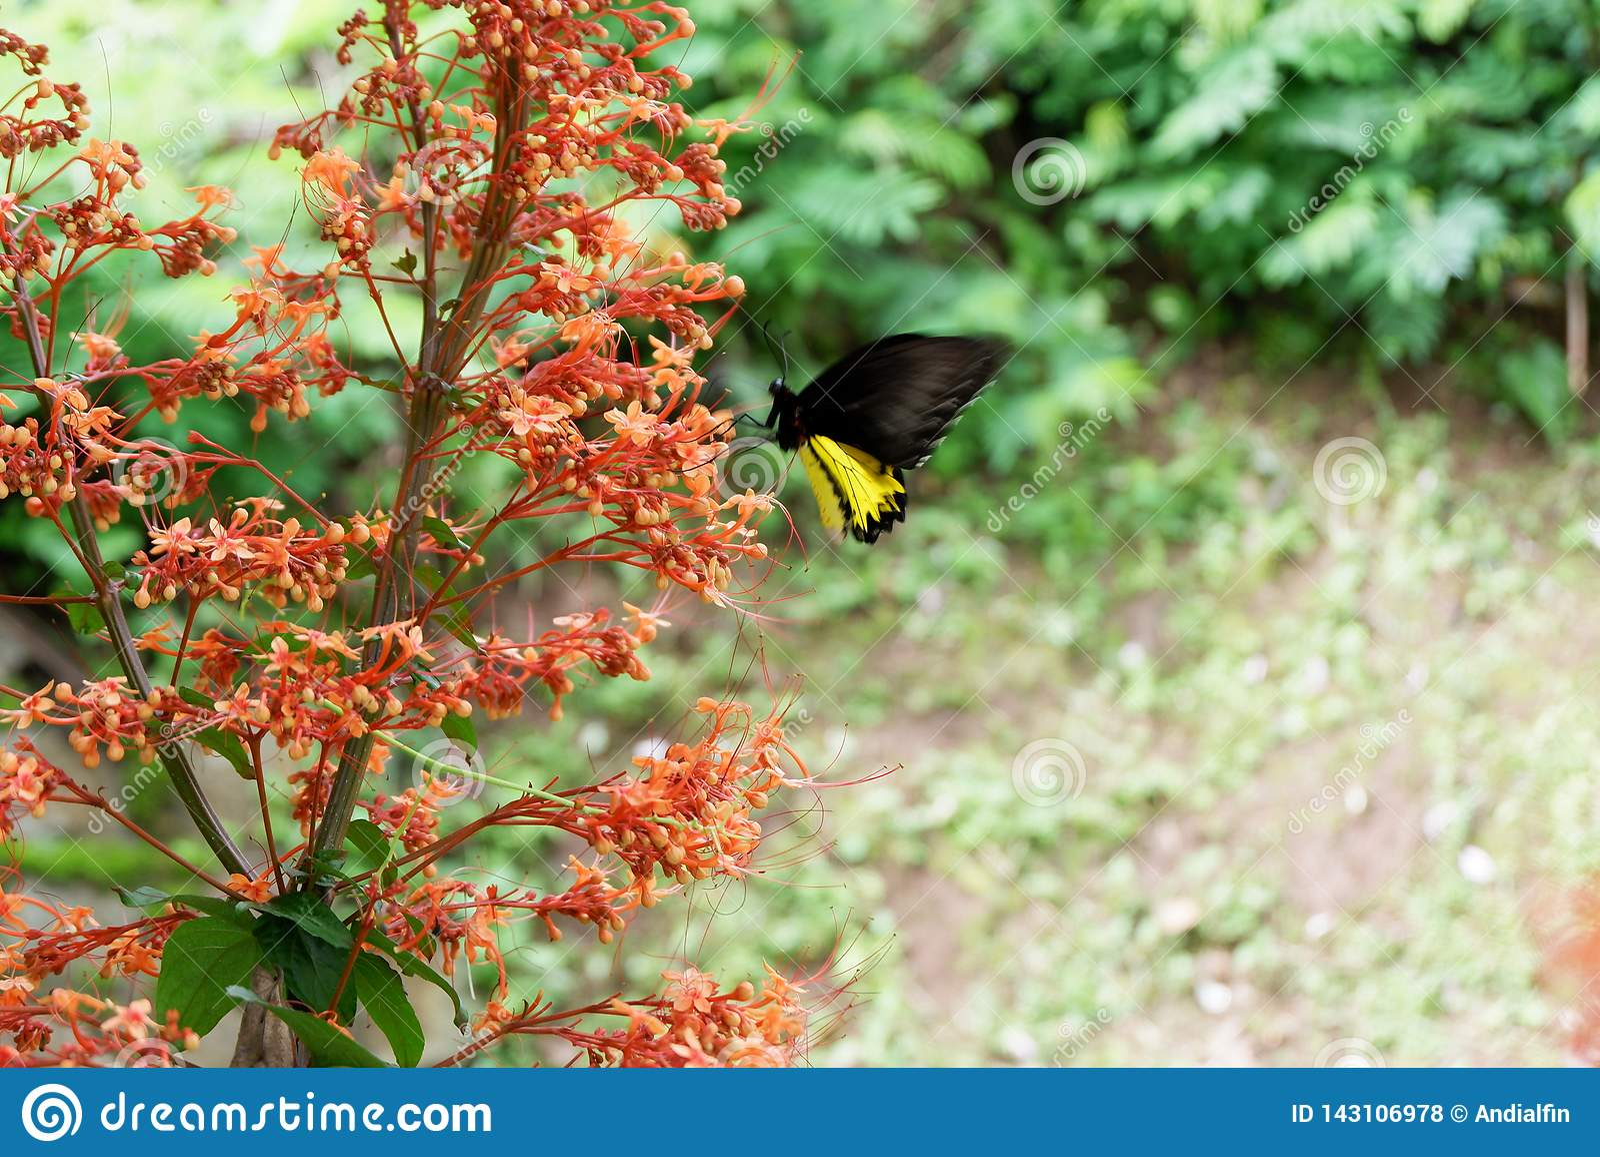 Las mariposas negras se encaraman en las flores rojas